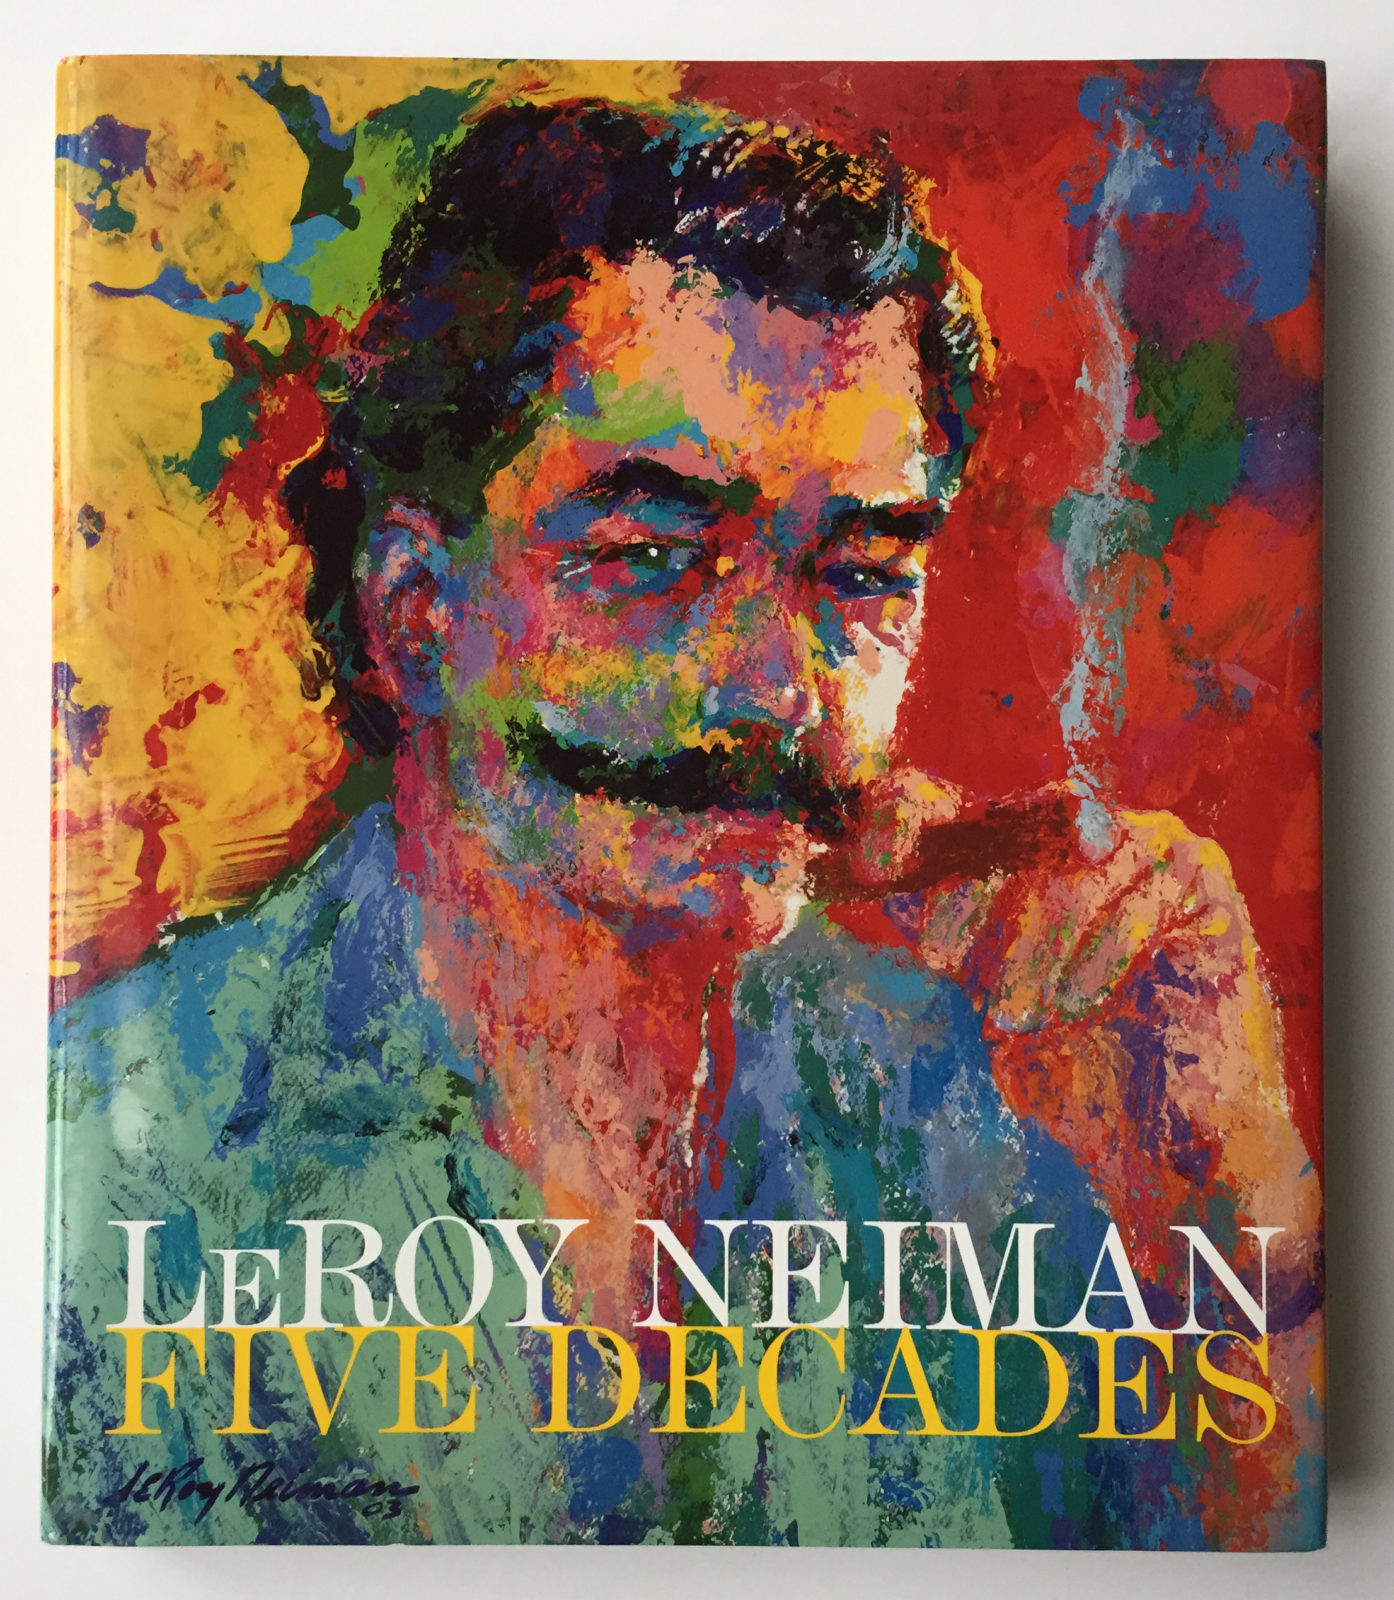 Five Decades book